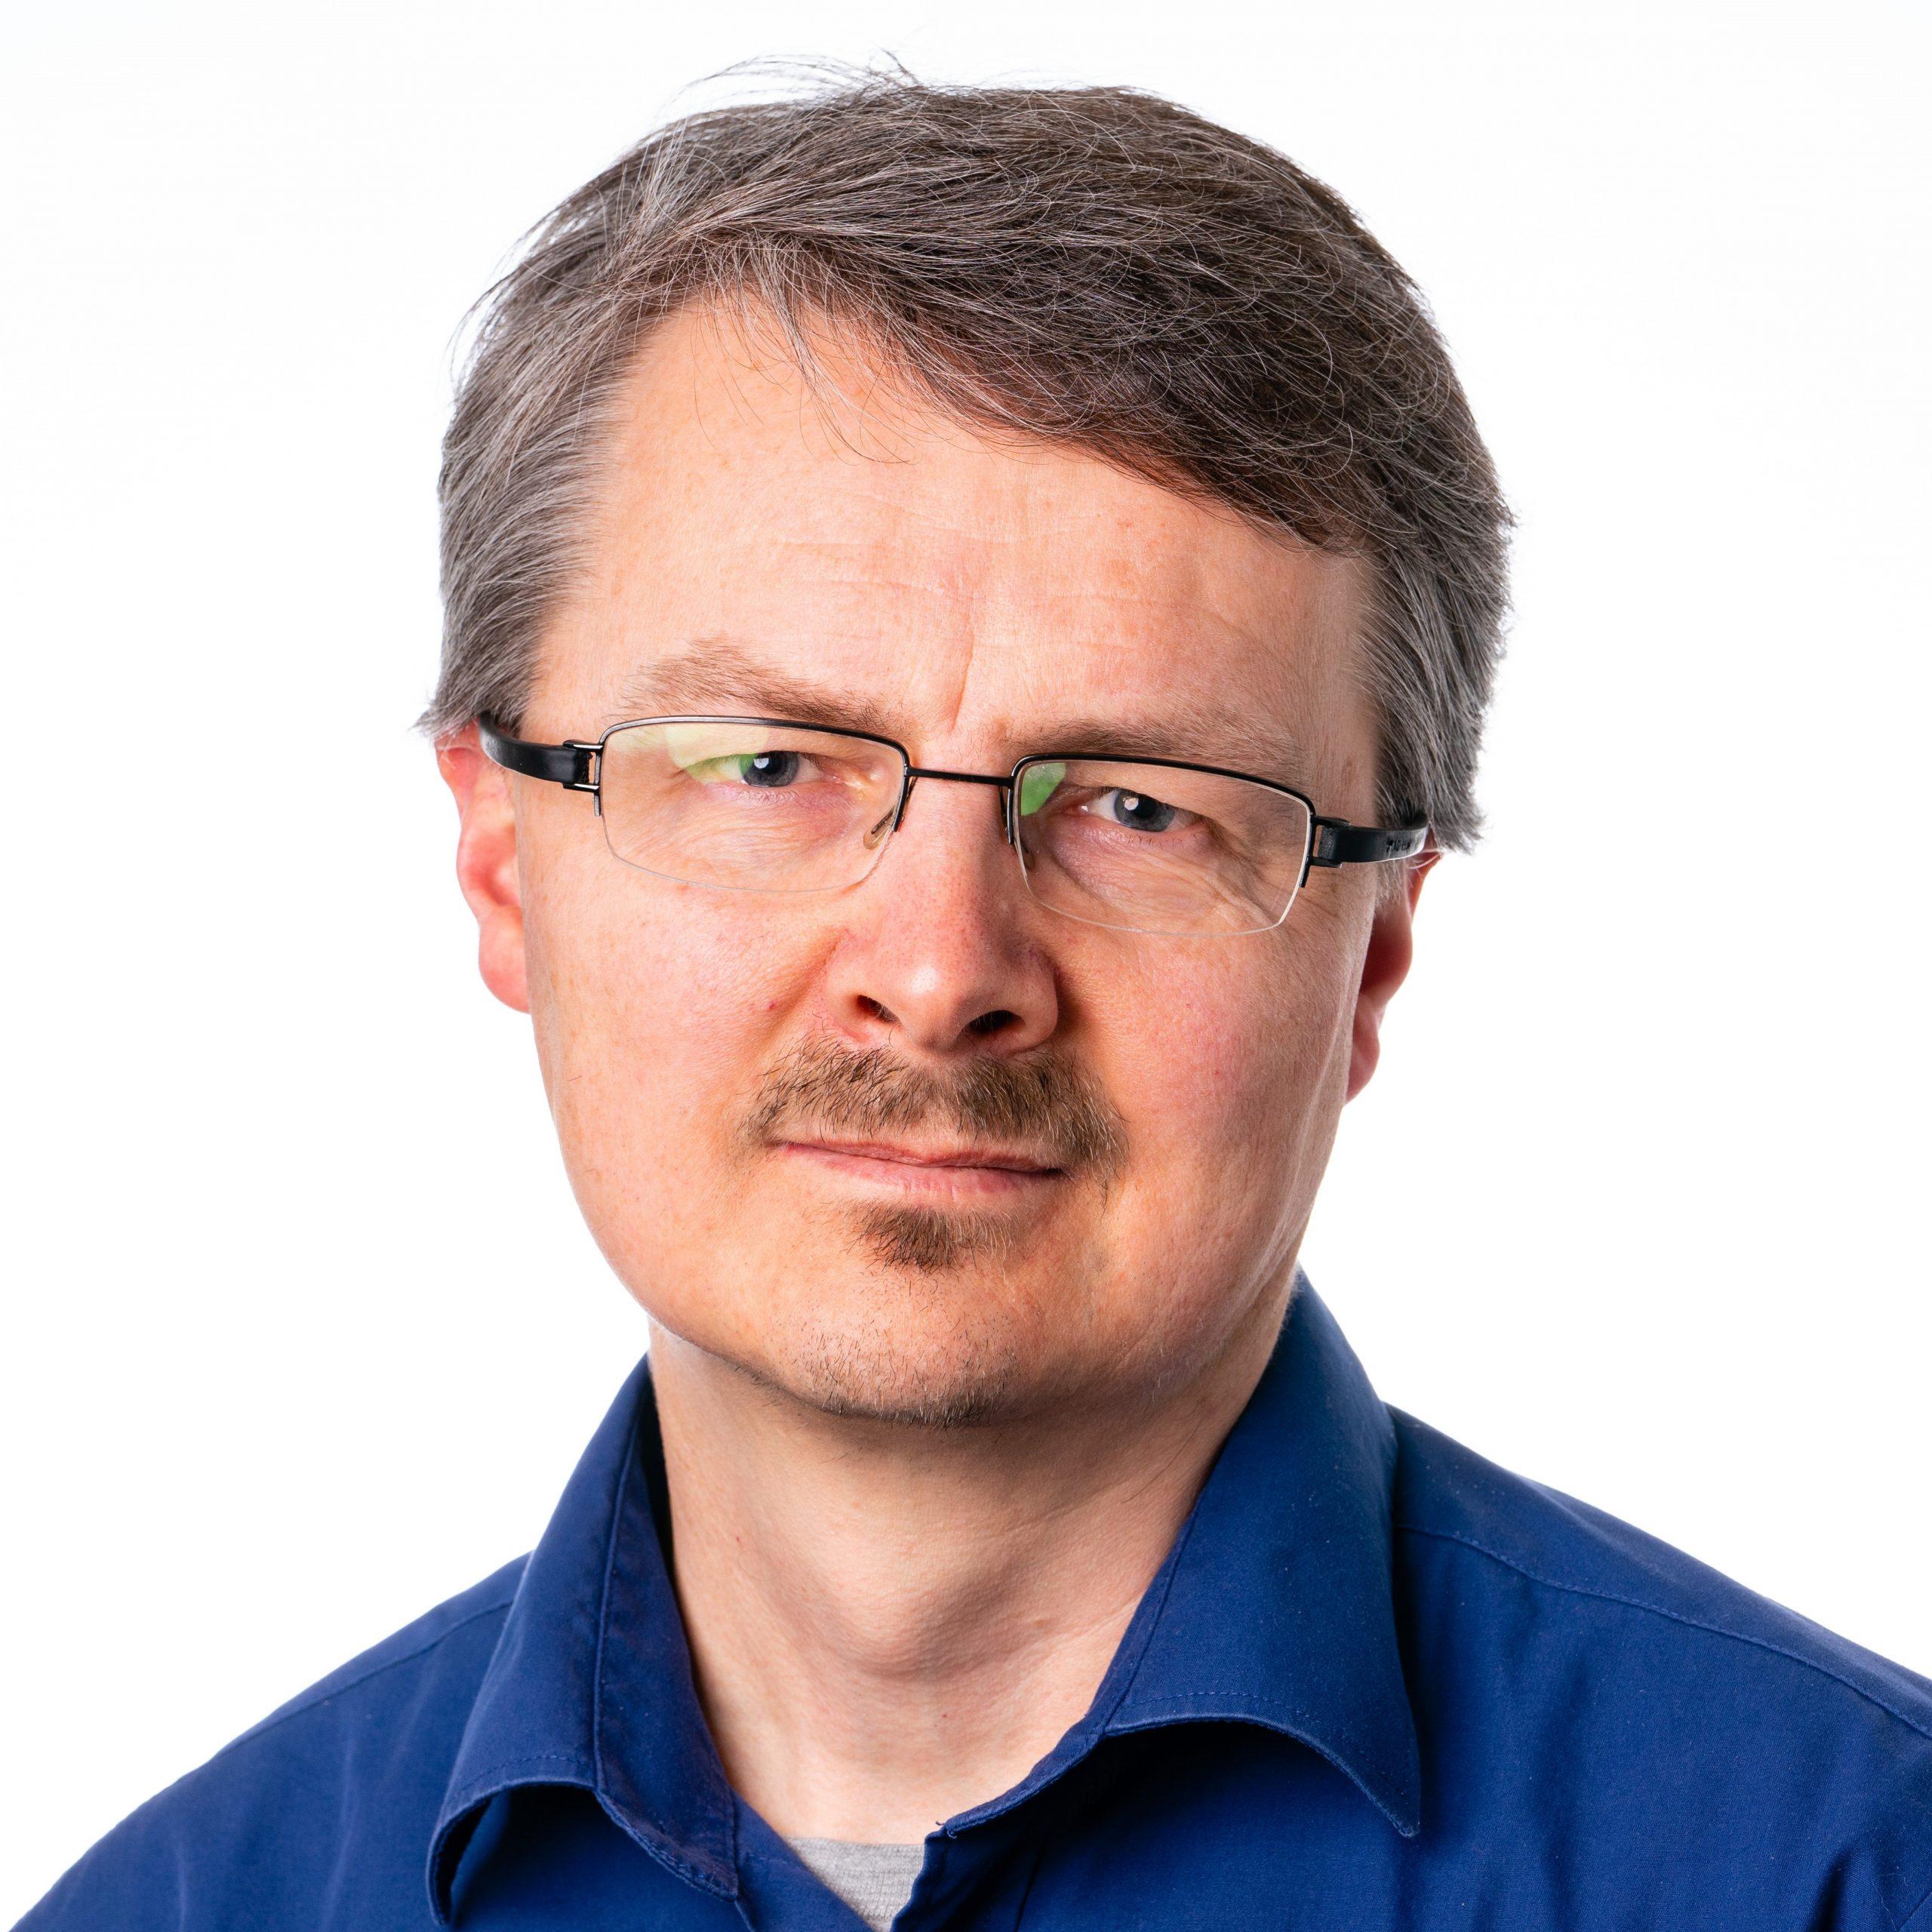 Helwig Hauser